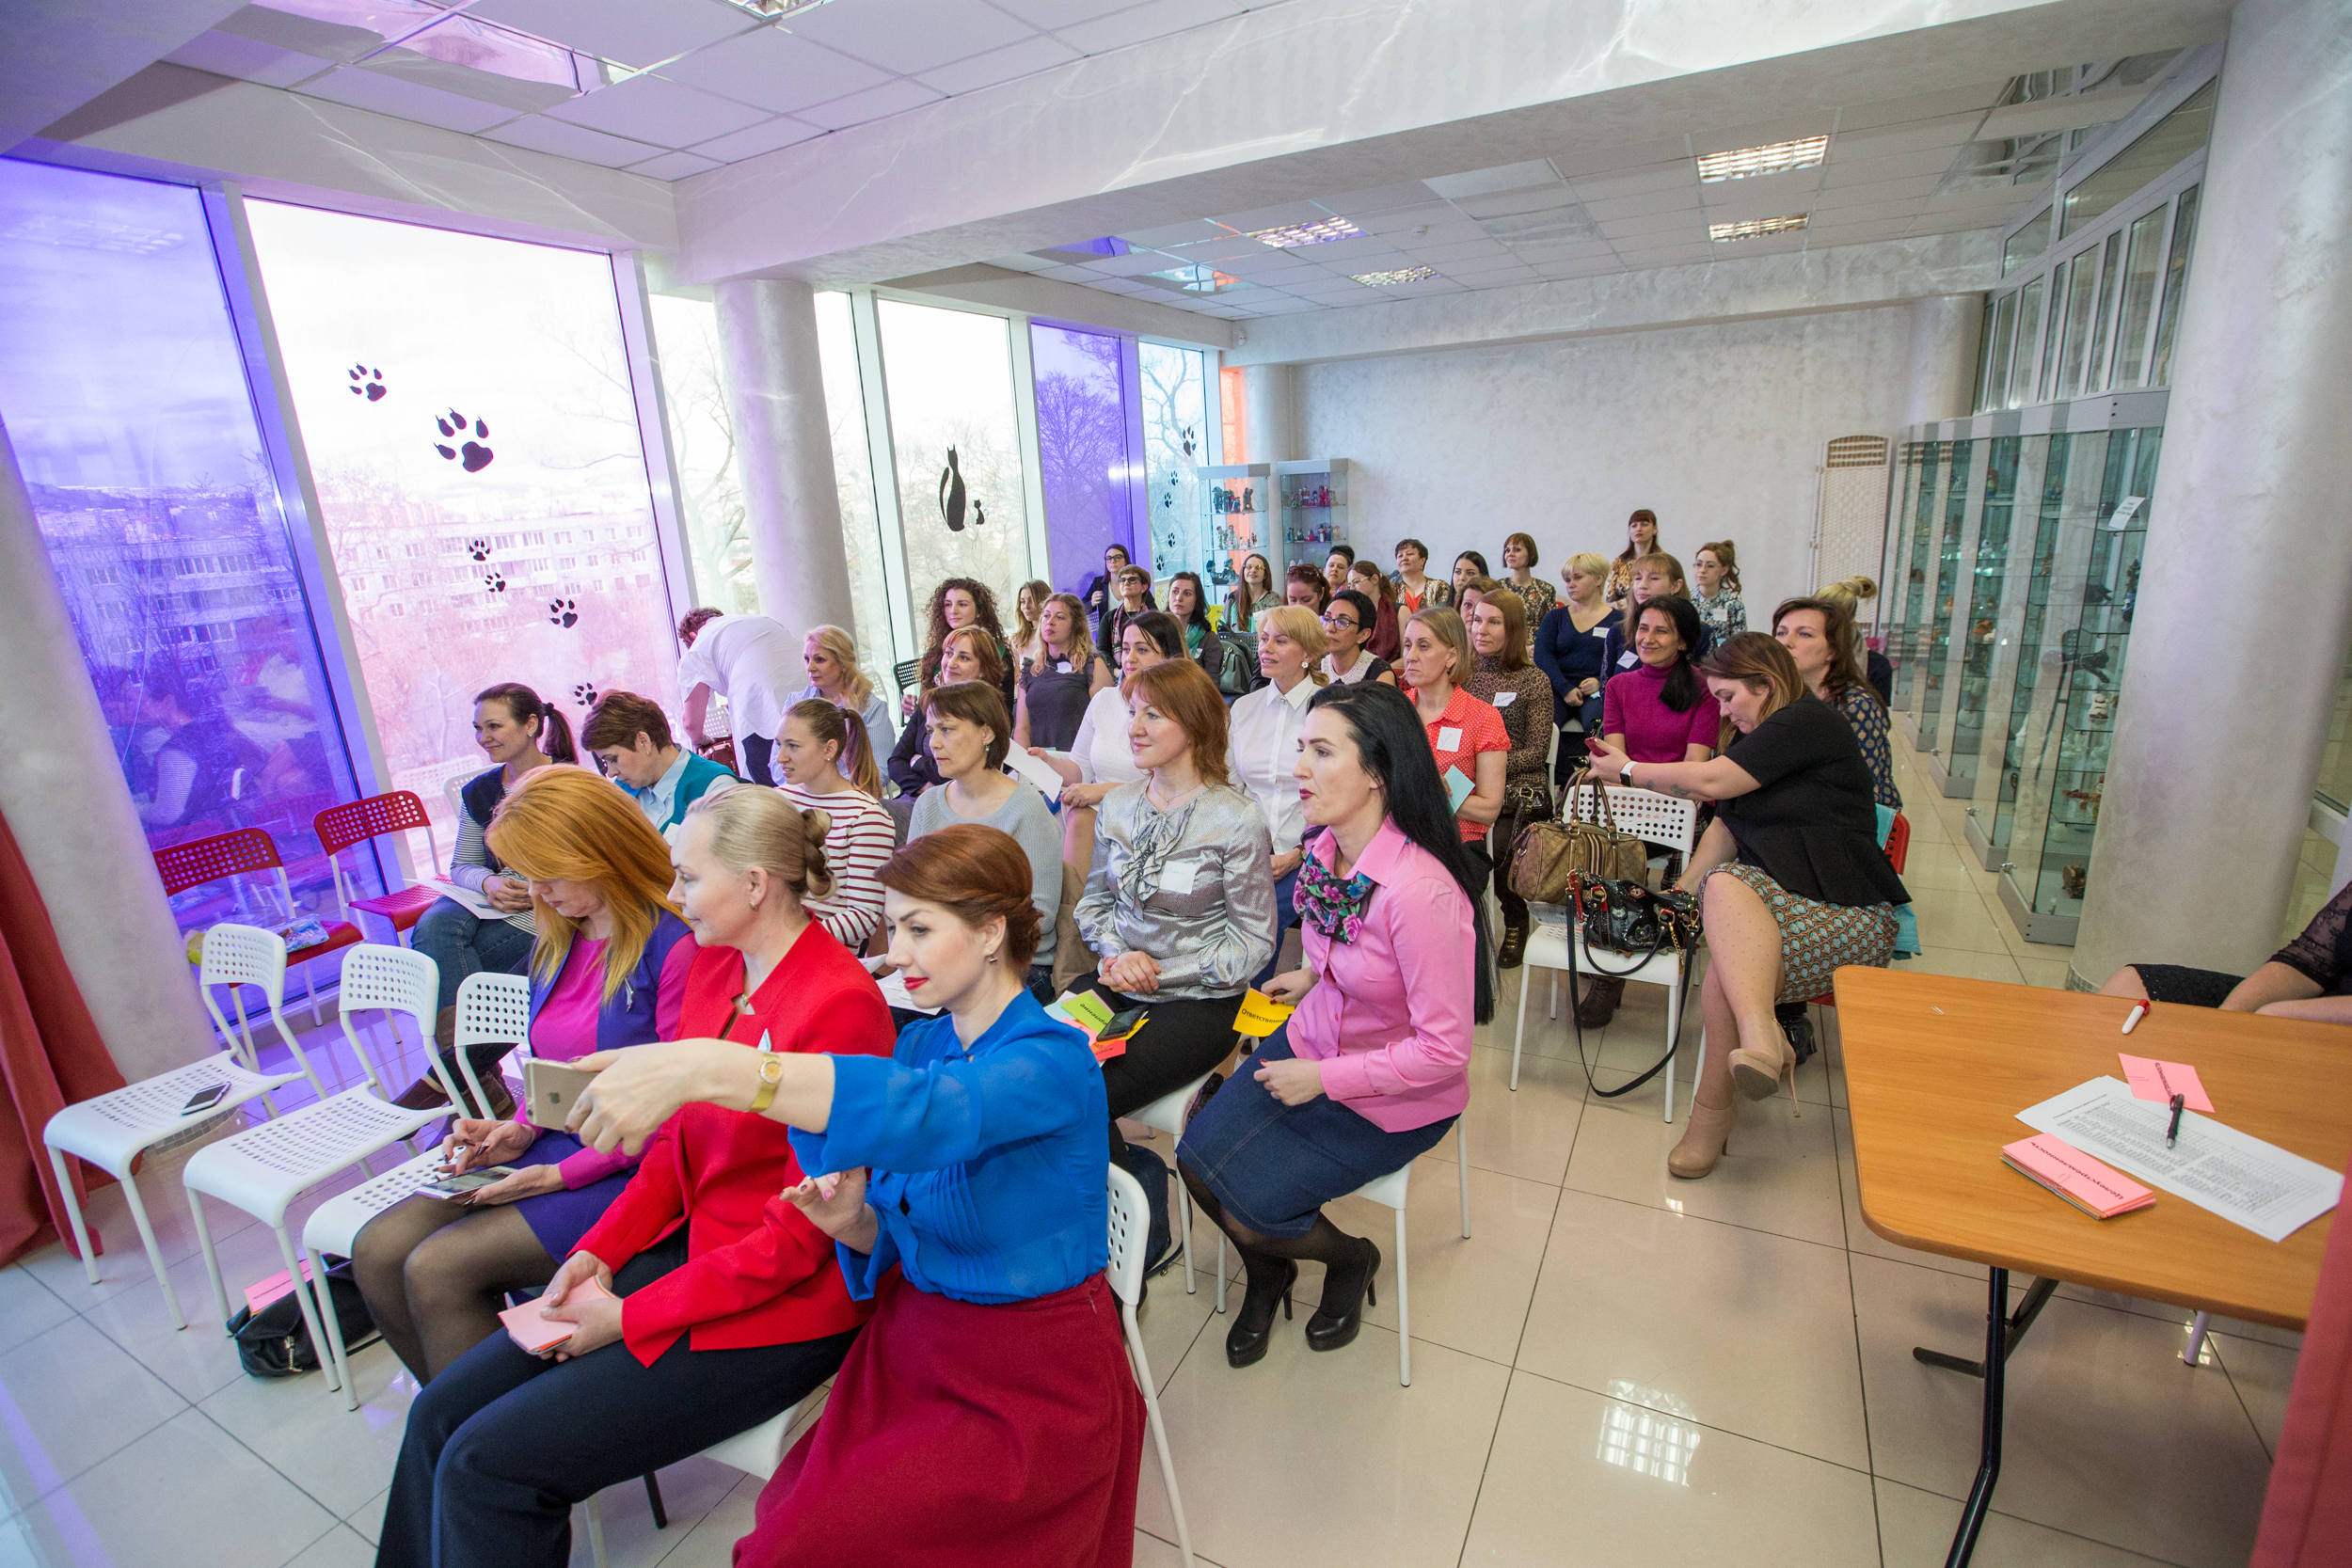 27 апреля на площадке ДЦ «Чайка» прошел День открытых дверей Комитета по развитию женского предпринимательства ПКО «ОПОРА РОССИИ»